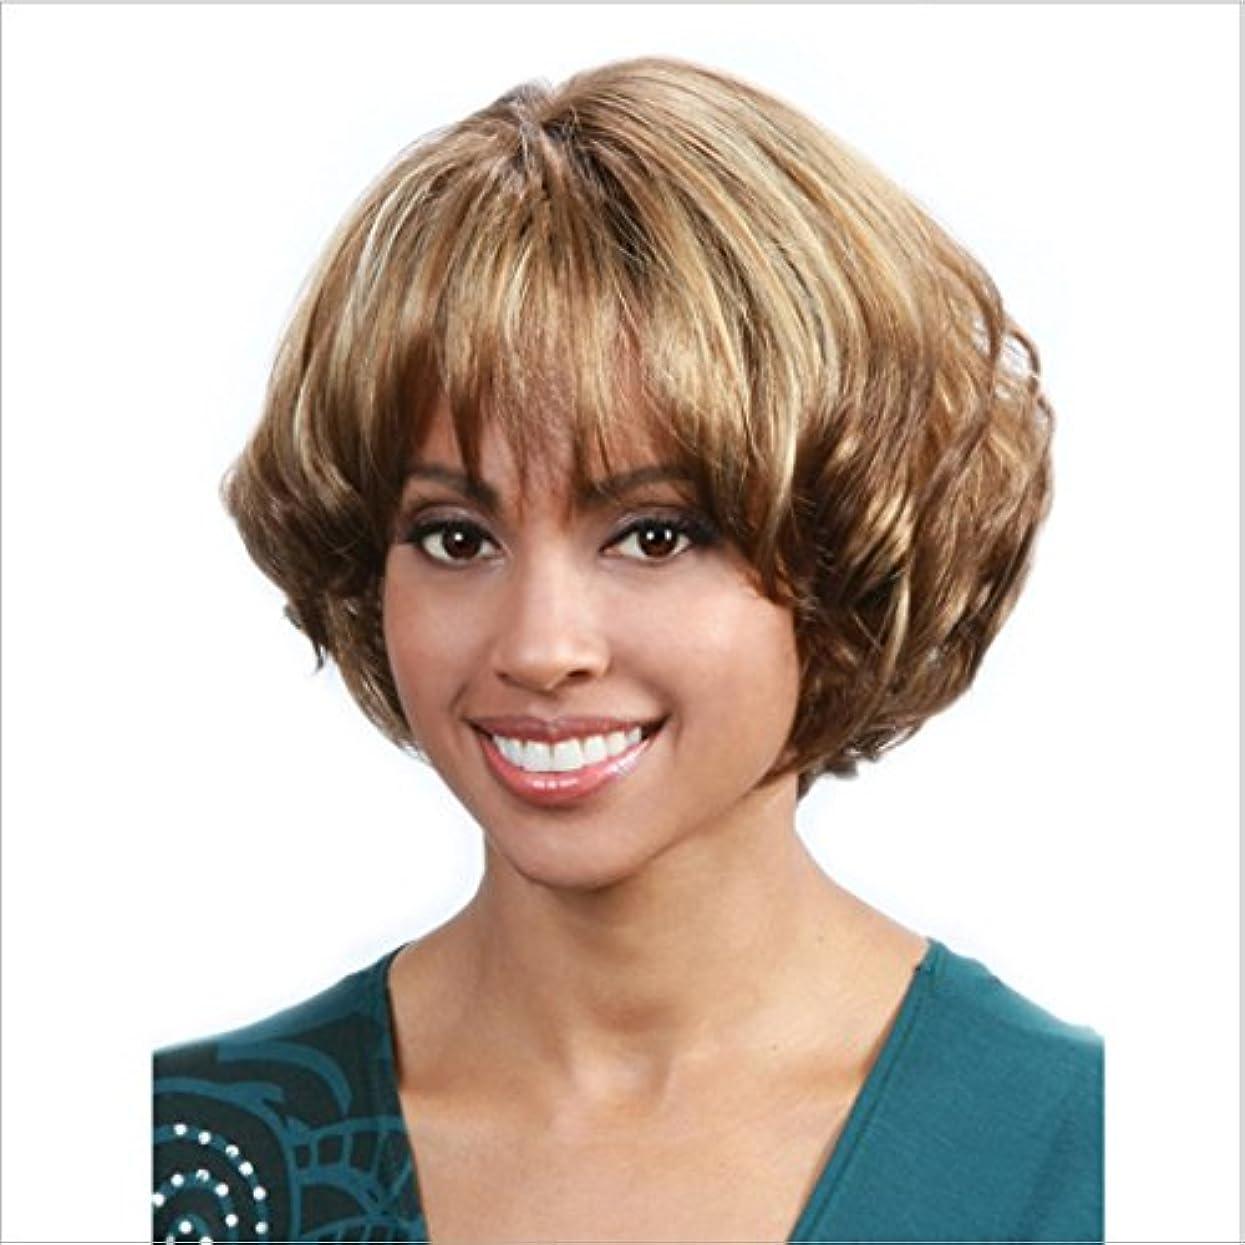 十古くなったパドルYOUQIU フラッツ前髪10インチ/ 150グラムのウィッグと白い女性ショート茶色と黒のウィッグ耐熱Resisitant髪ふわふわウィッグのために混合色のウィッグカーリー人工毛 (色 : Brown and black)